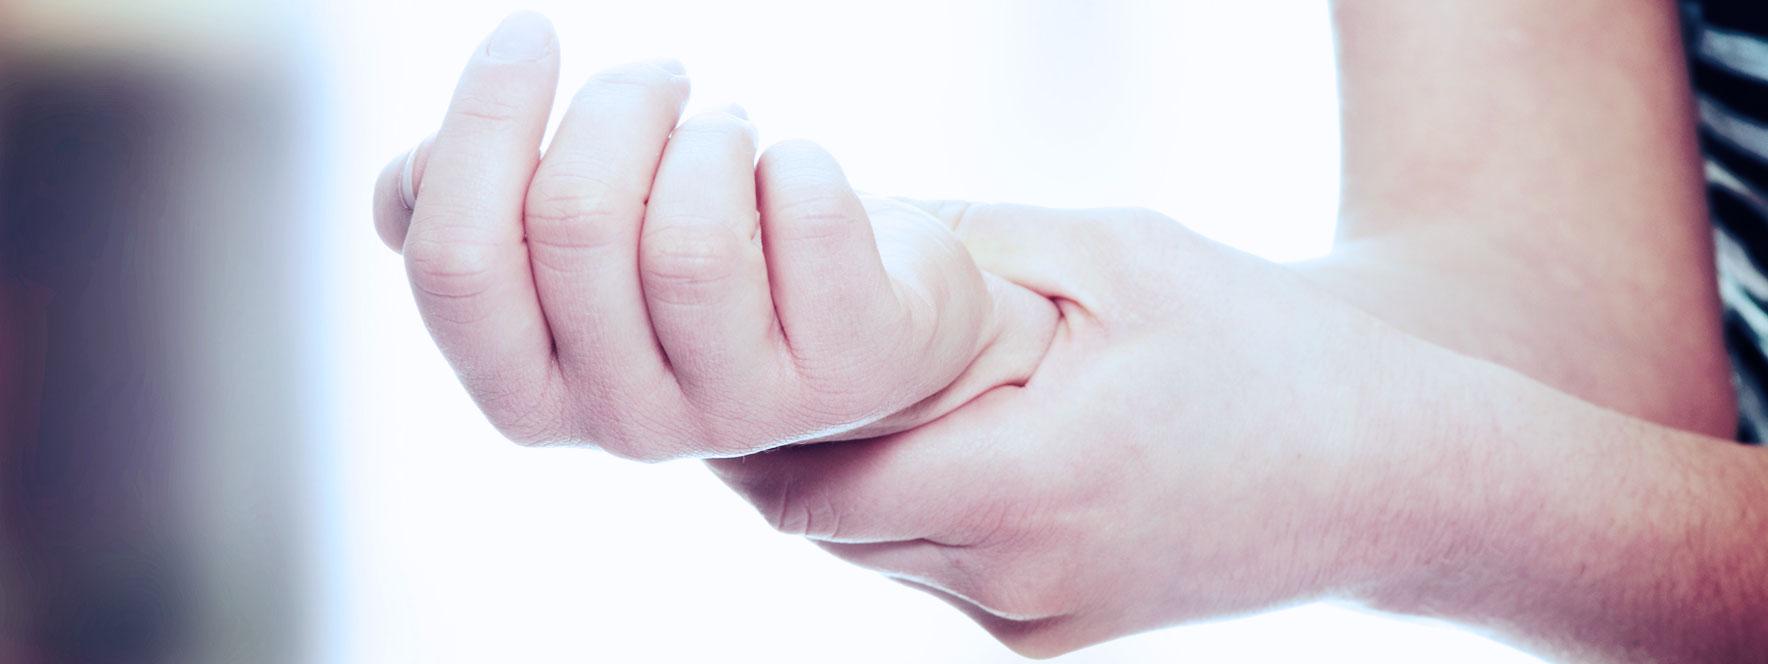 Profession en massothérapie: la condition physique 1 | Blogue du Réseau